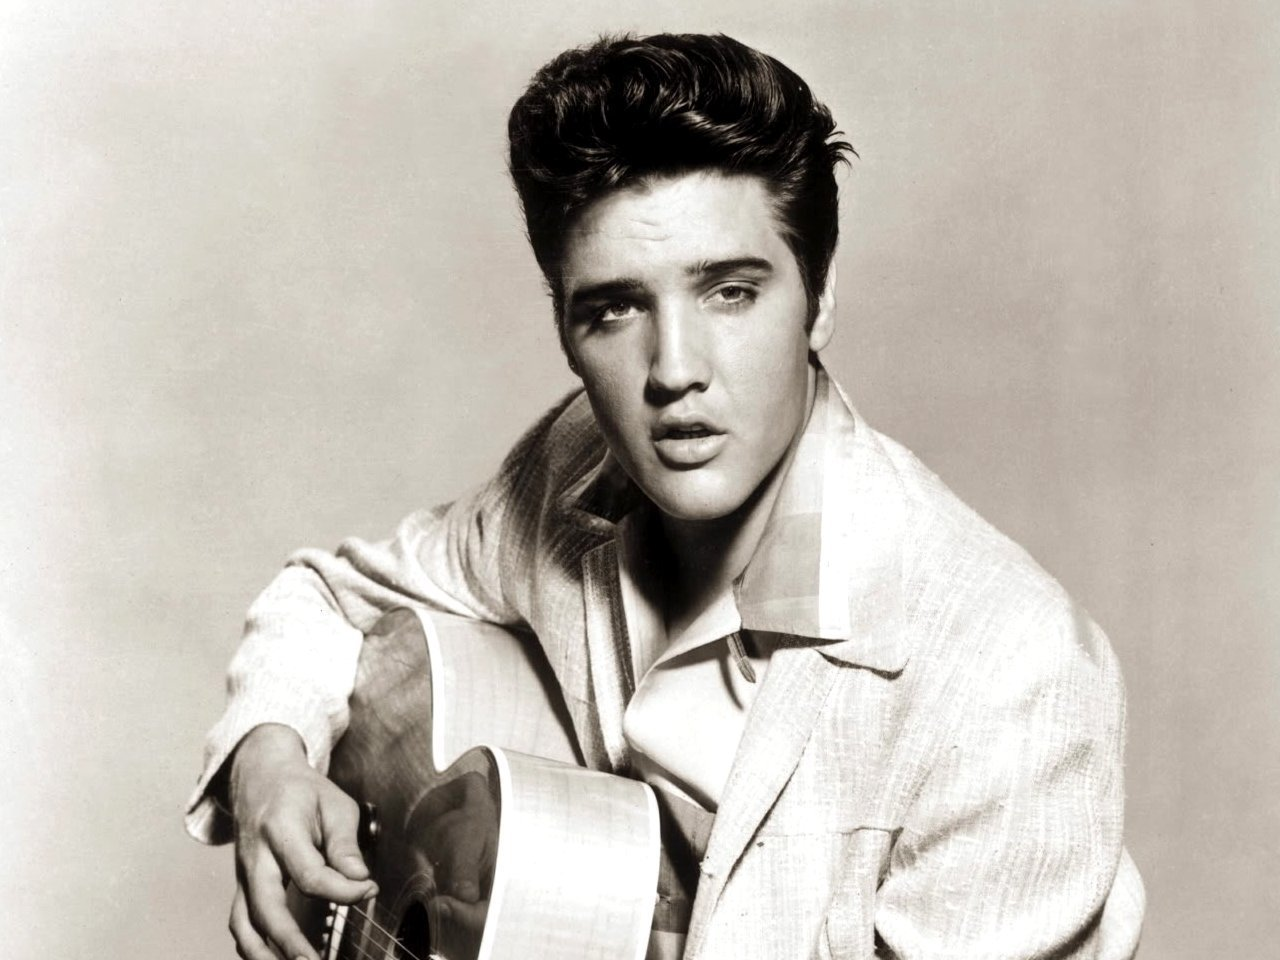 Elvis Presley, elvis, and music image